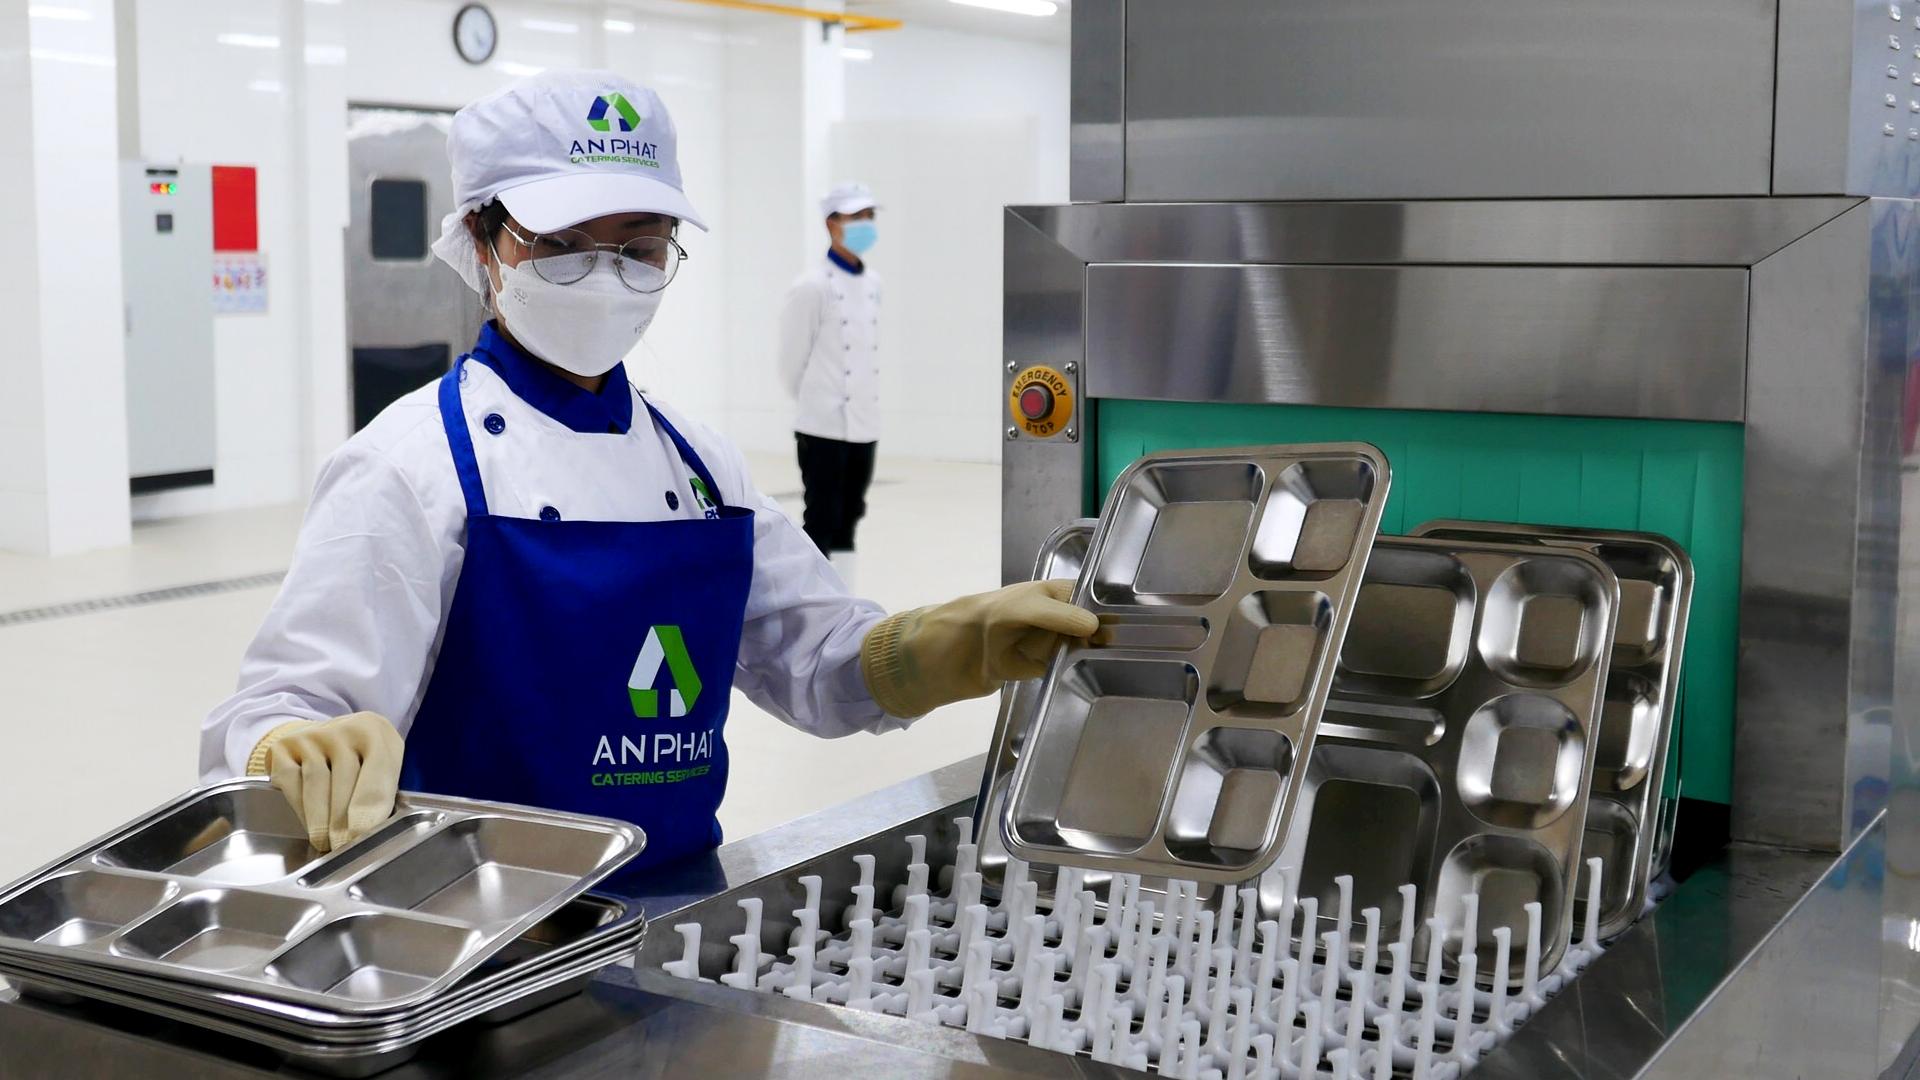 An Phát Holdings chính thức ra mắt dịch vụ suất ăn công nghiệp